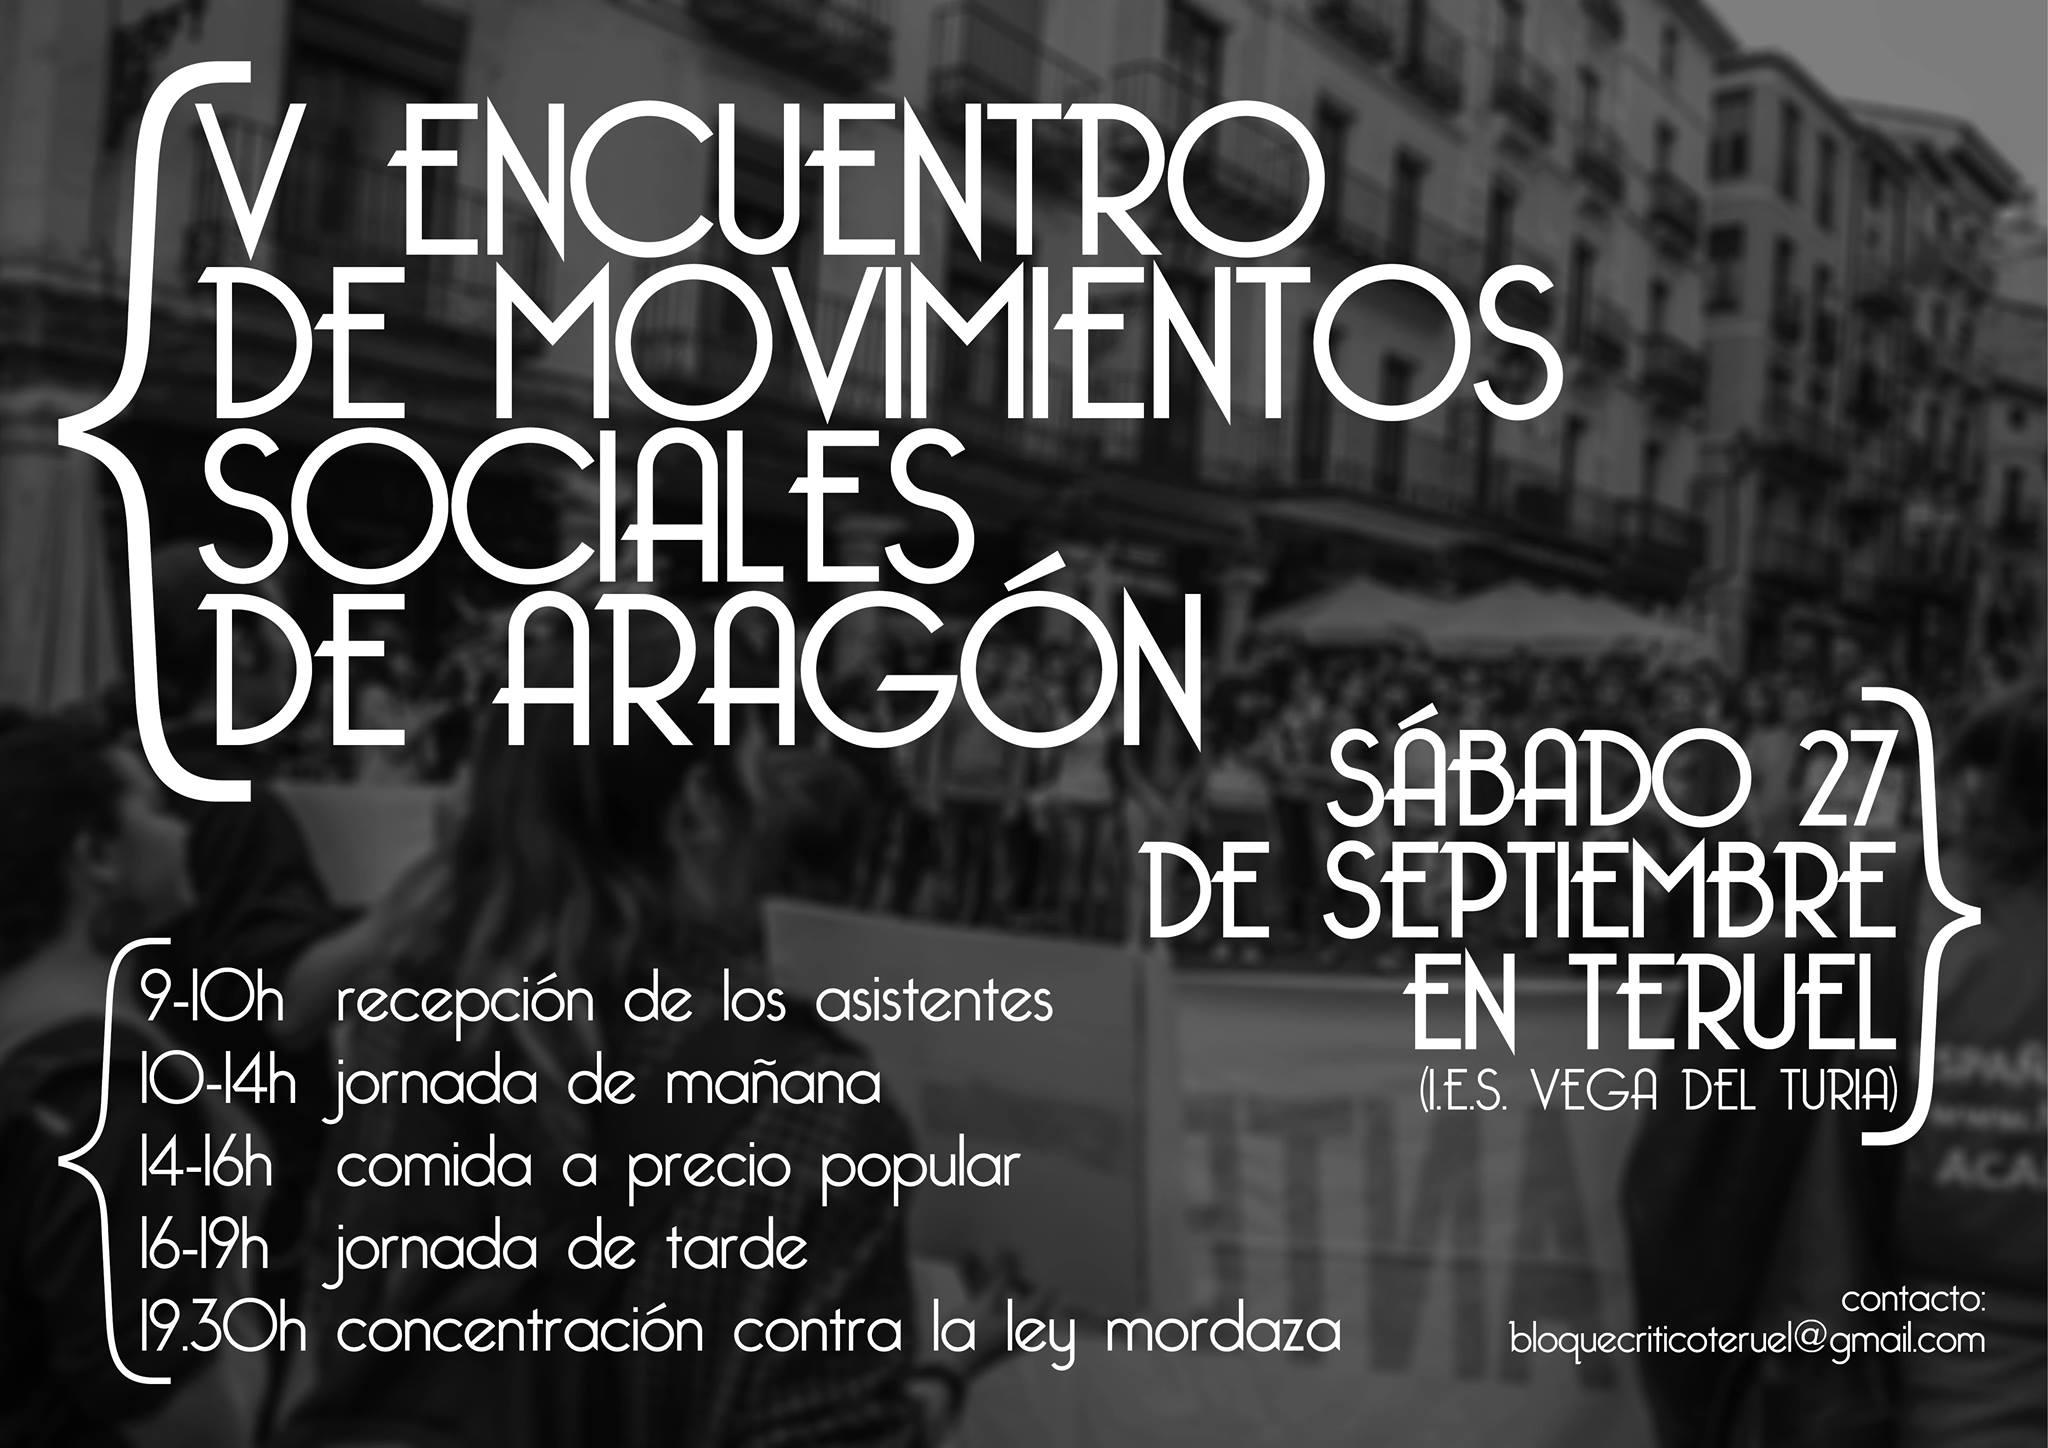 [ARAGÓN] [COORDINACIÓN] V ENCUENTRO MOVIMIENTOS SOCIALES ARAGÓN (27-9-14)